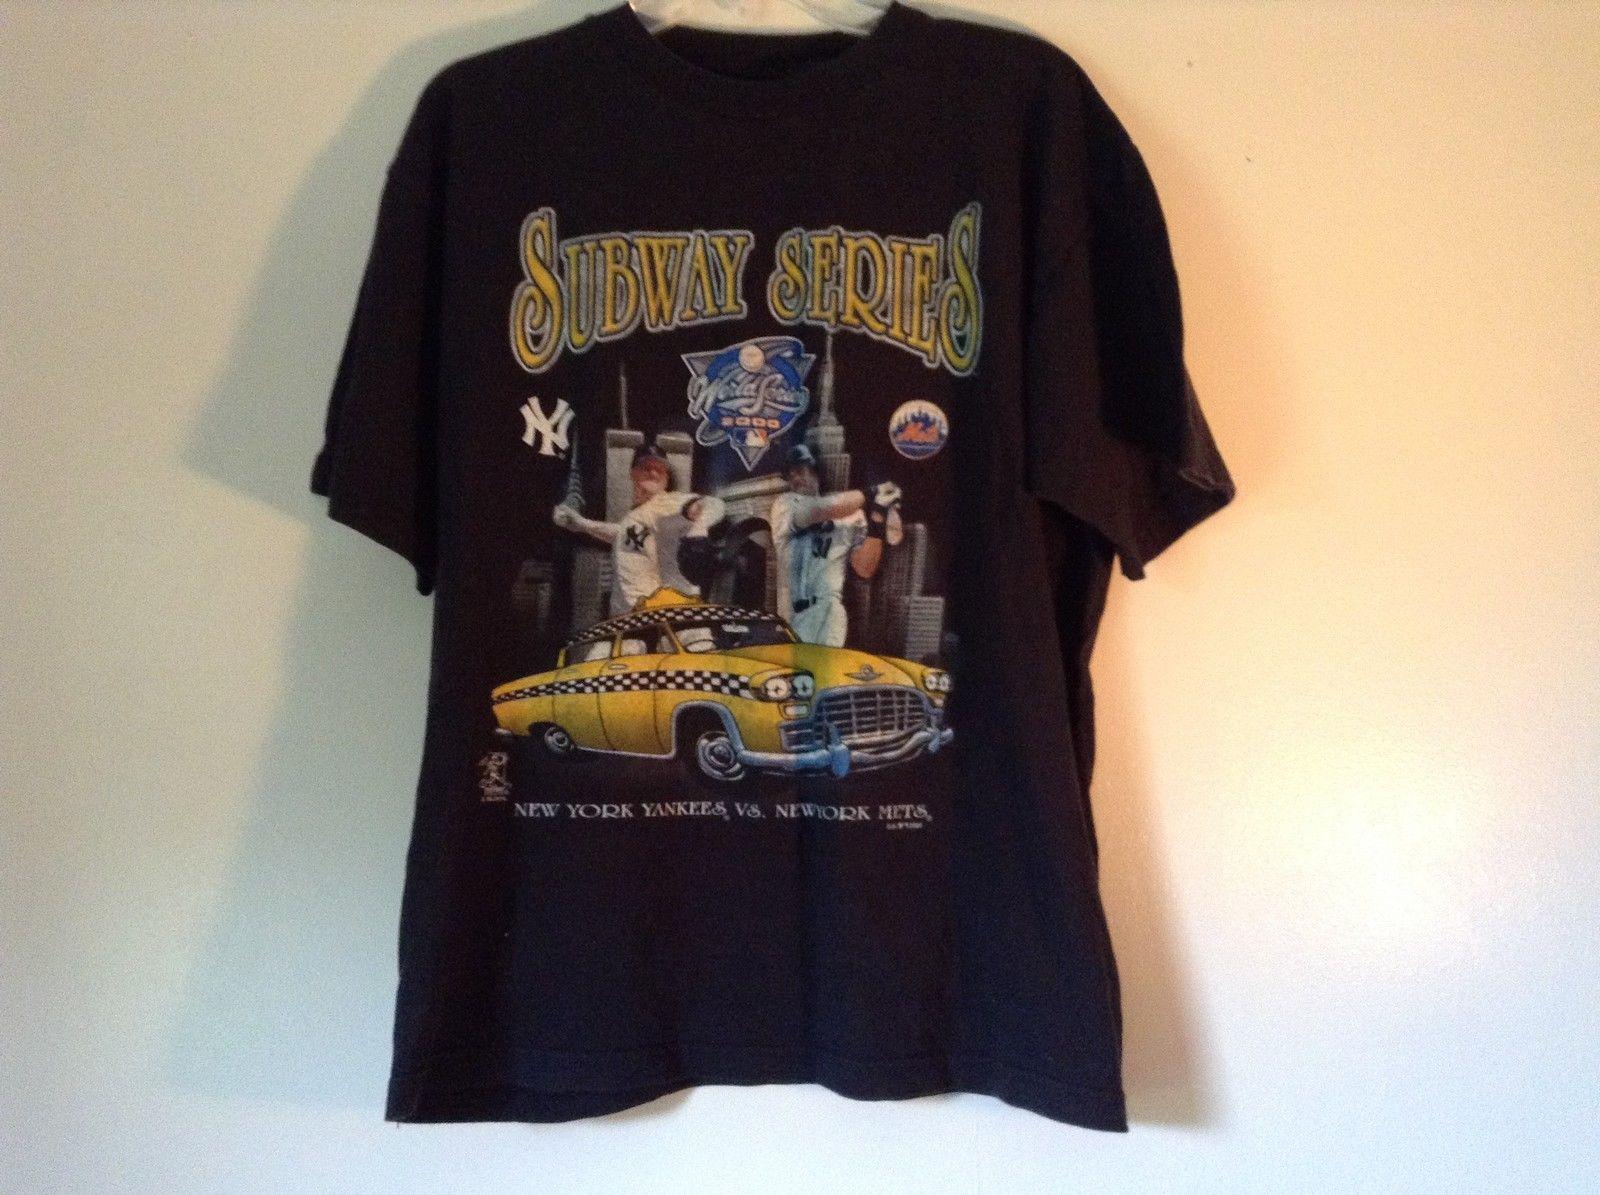 Subway Series Black T Shirt NY Yankees VS NY Mets World Series 2000 Size Large